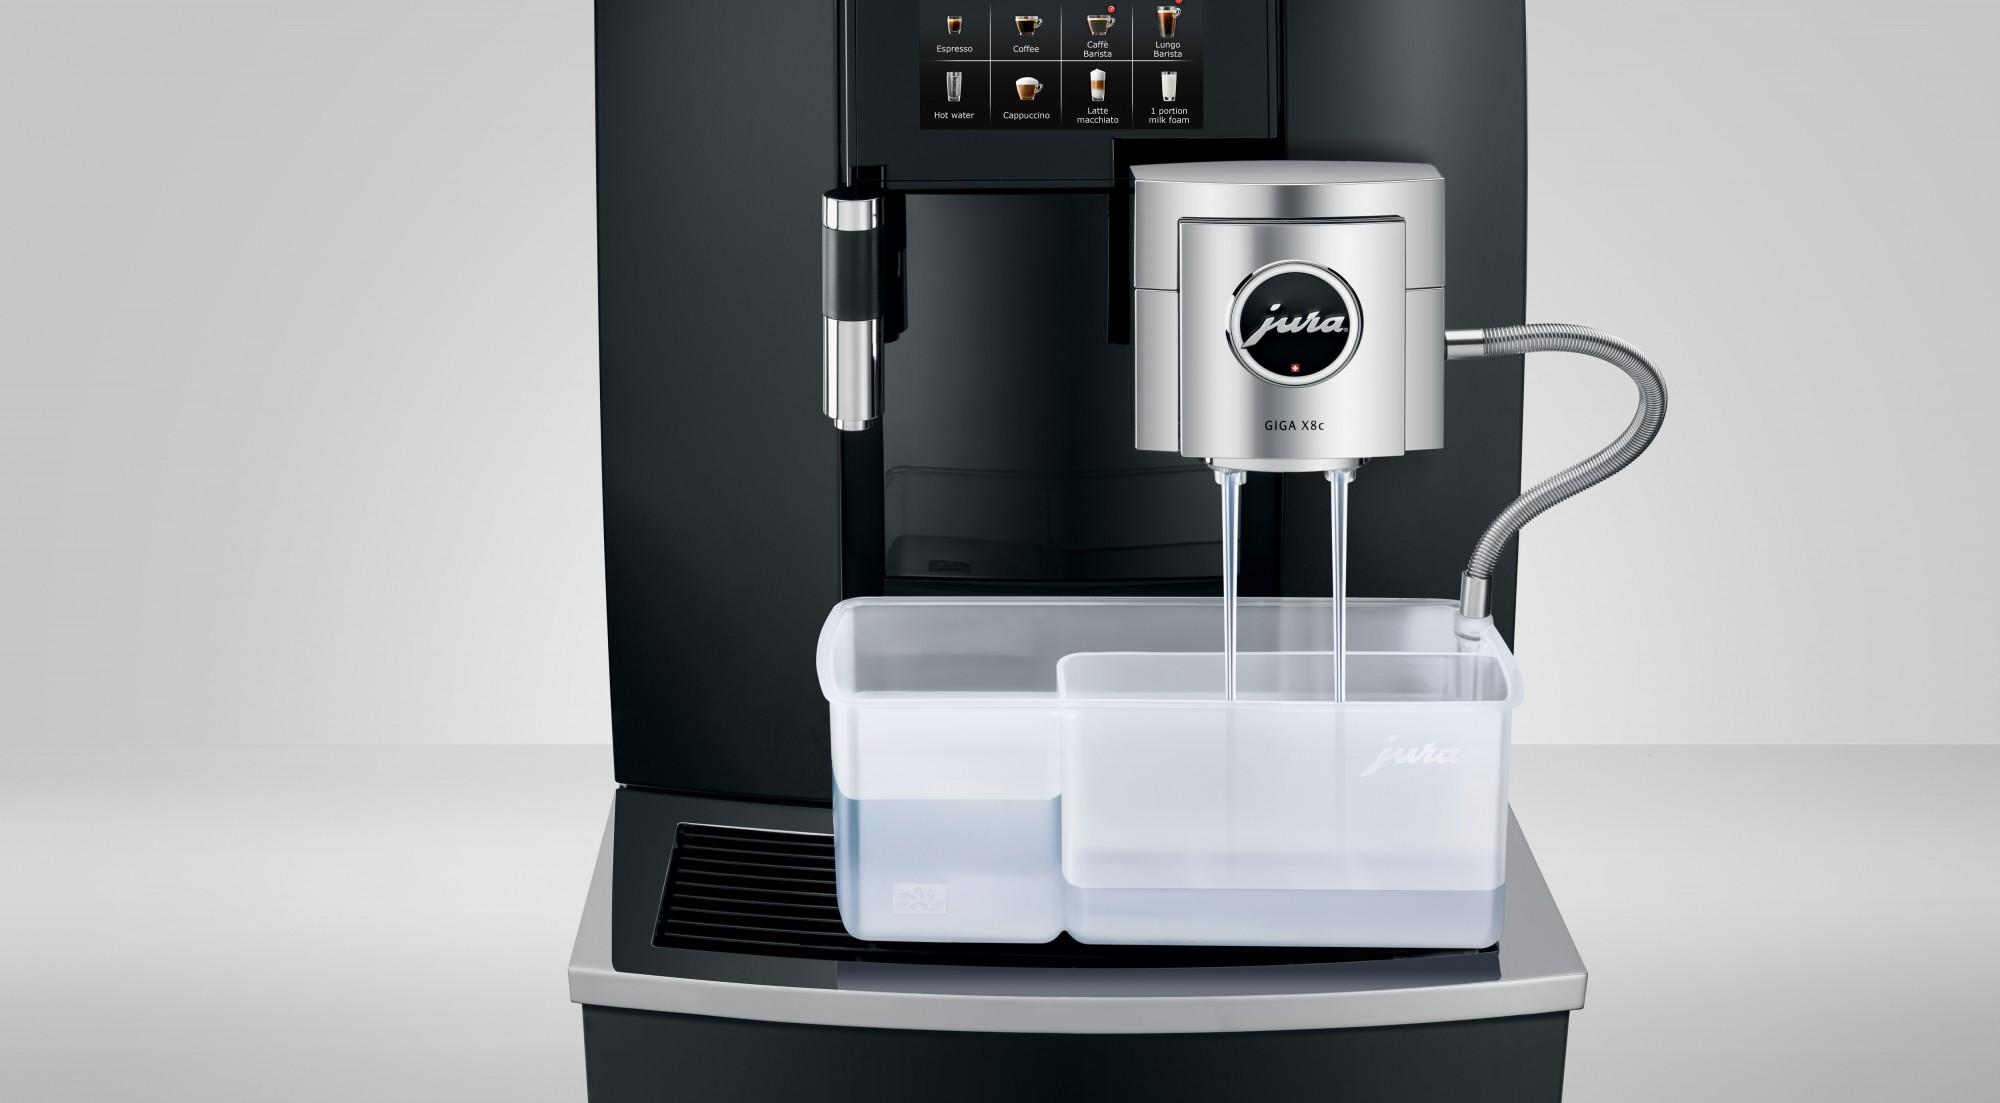 Eenvoudig het melksysteem schoonmaken